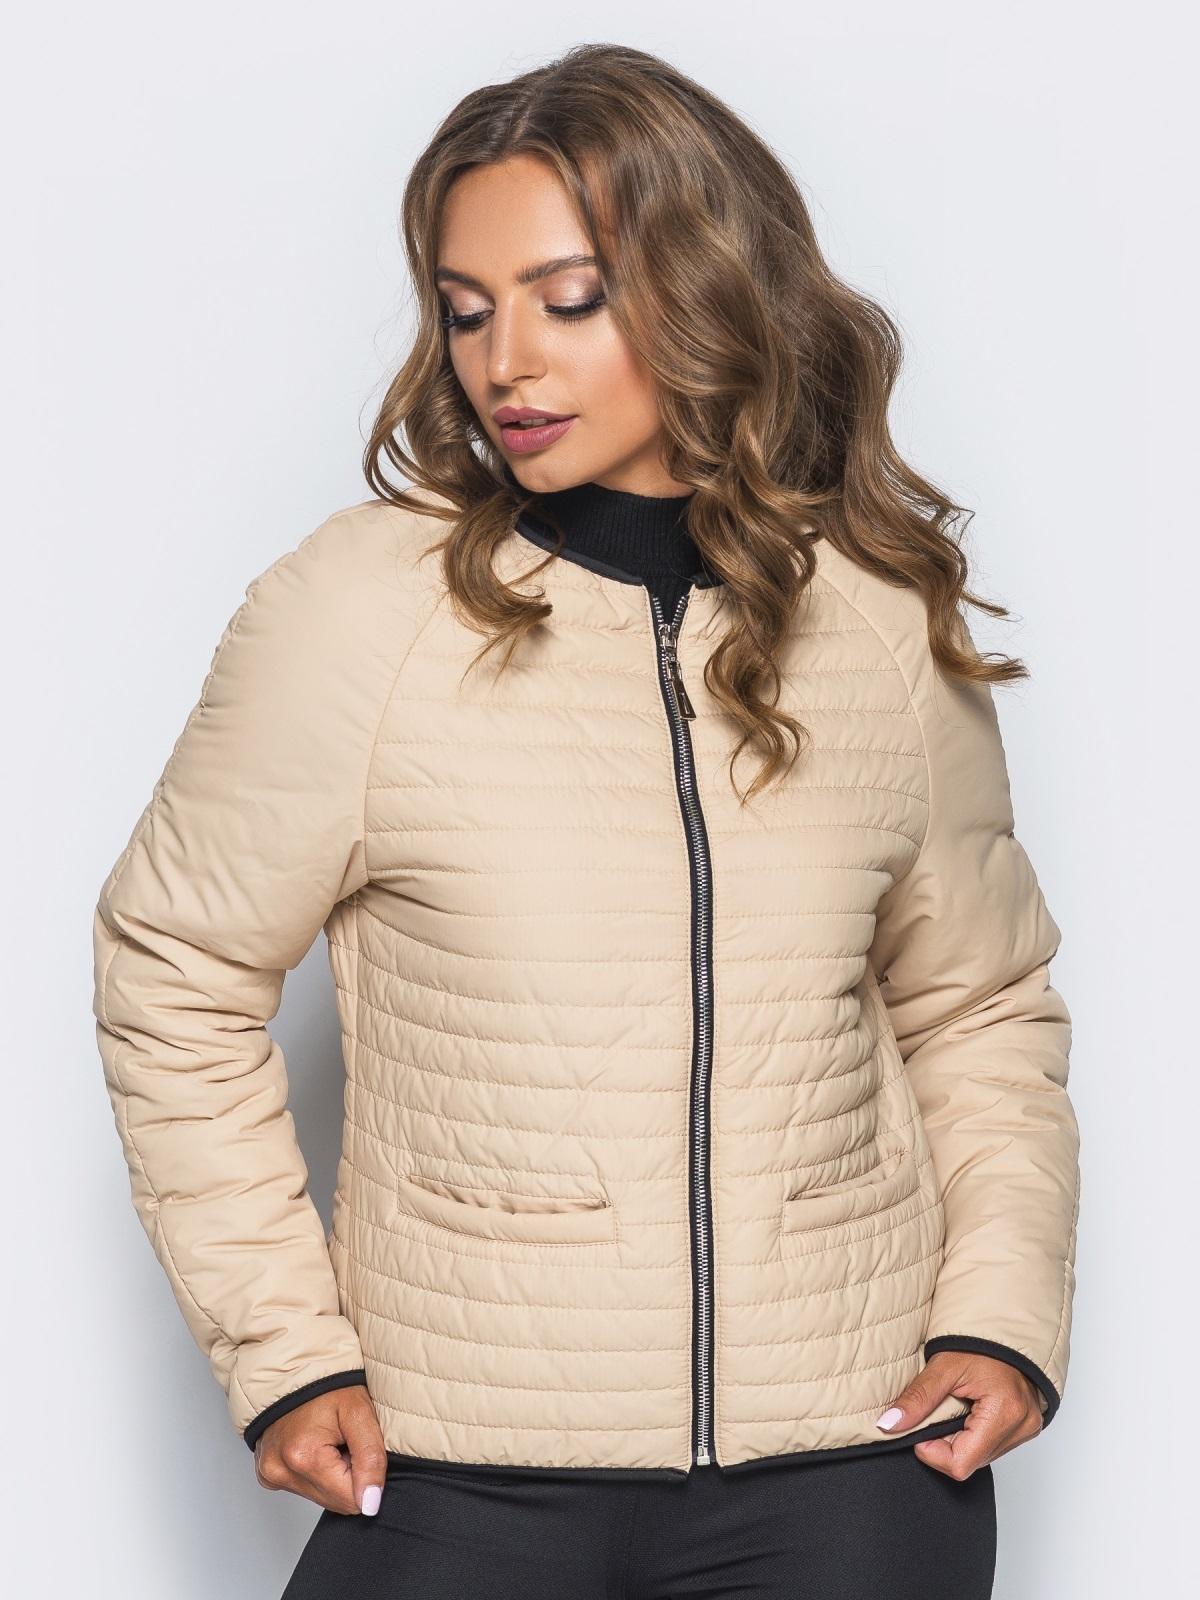 Бежевая стеганая куртка с прорезными карманами 14692, фото 1